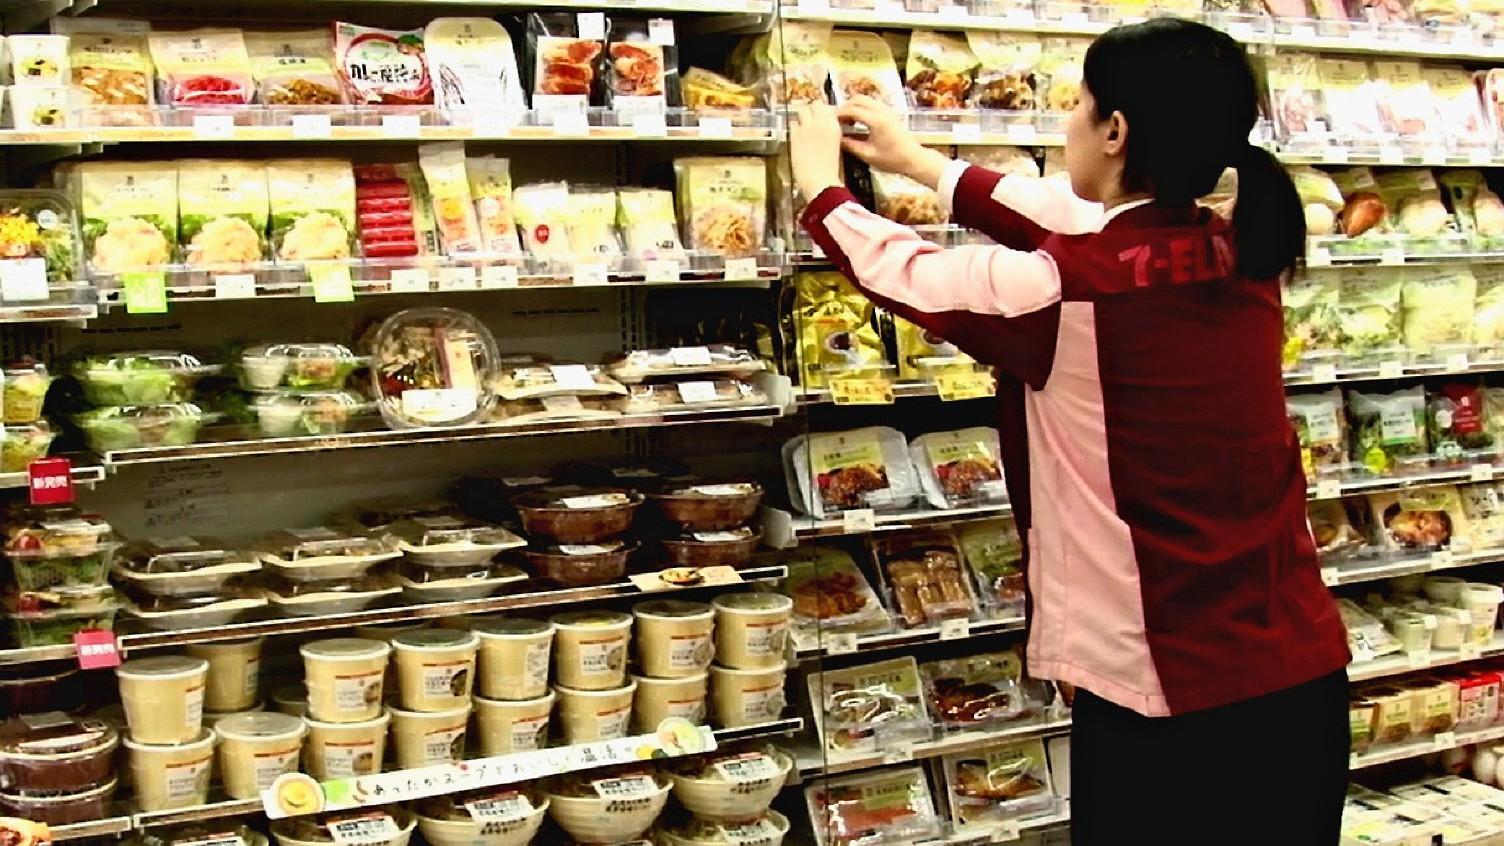 7-Eleven mở cửa hàng đầu tiên tại Okinawa, người Nhật xếp hàng dài chẳng khác gì người Việt hồi trước - Ảnh 5.